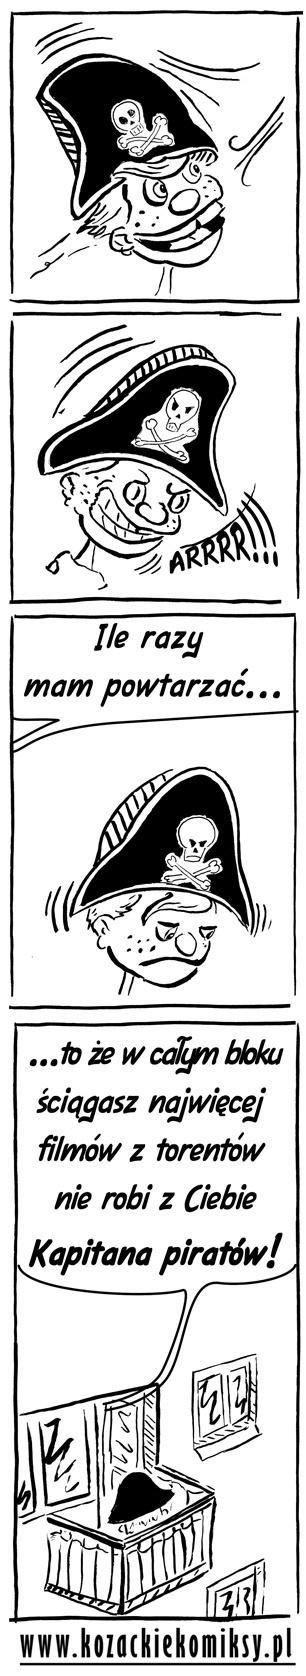 Mamy tu piratów?